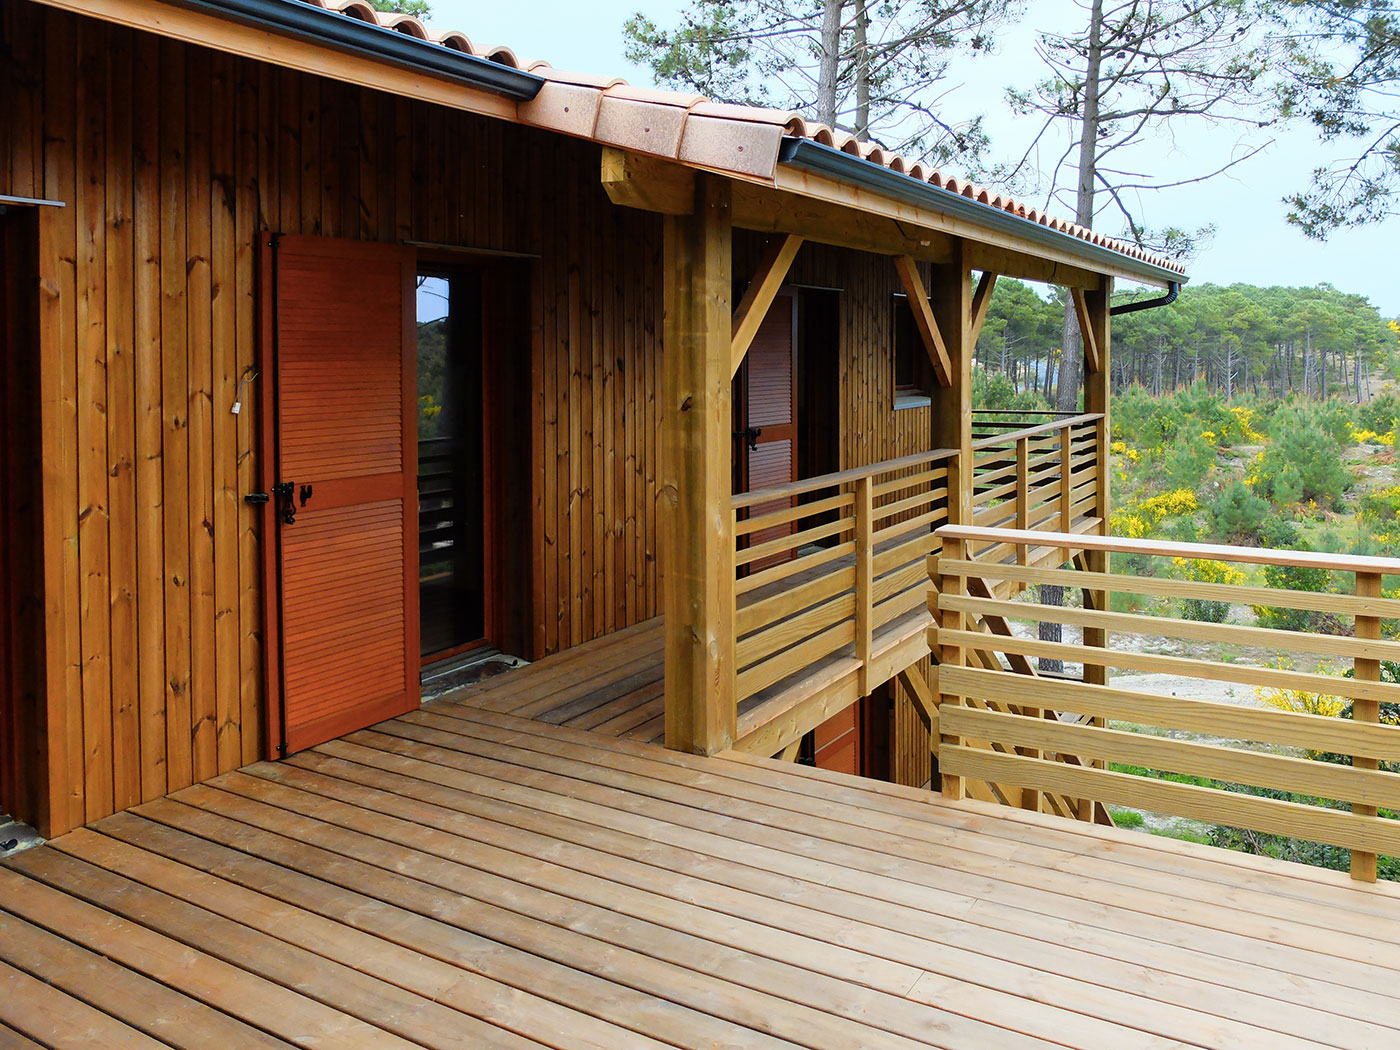 maison en bois aquitaine cheap vente maison en bois. Black Bedroom Furniture Sets. Home Design Ideas